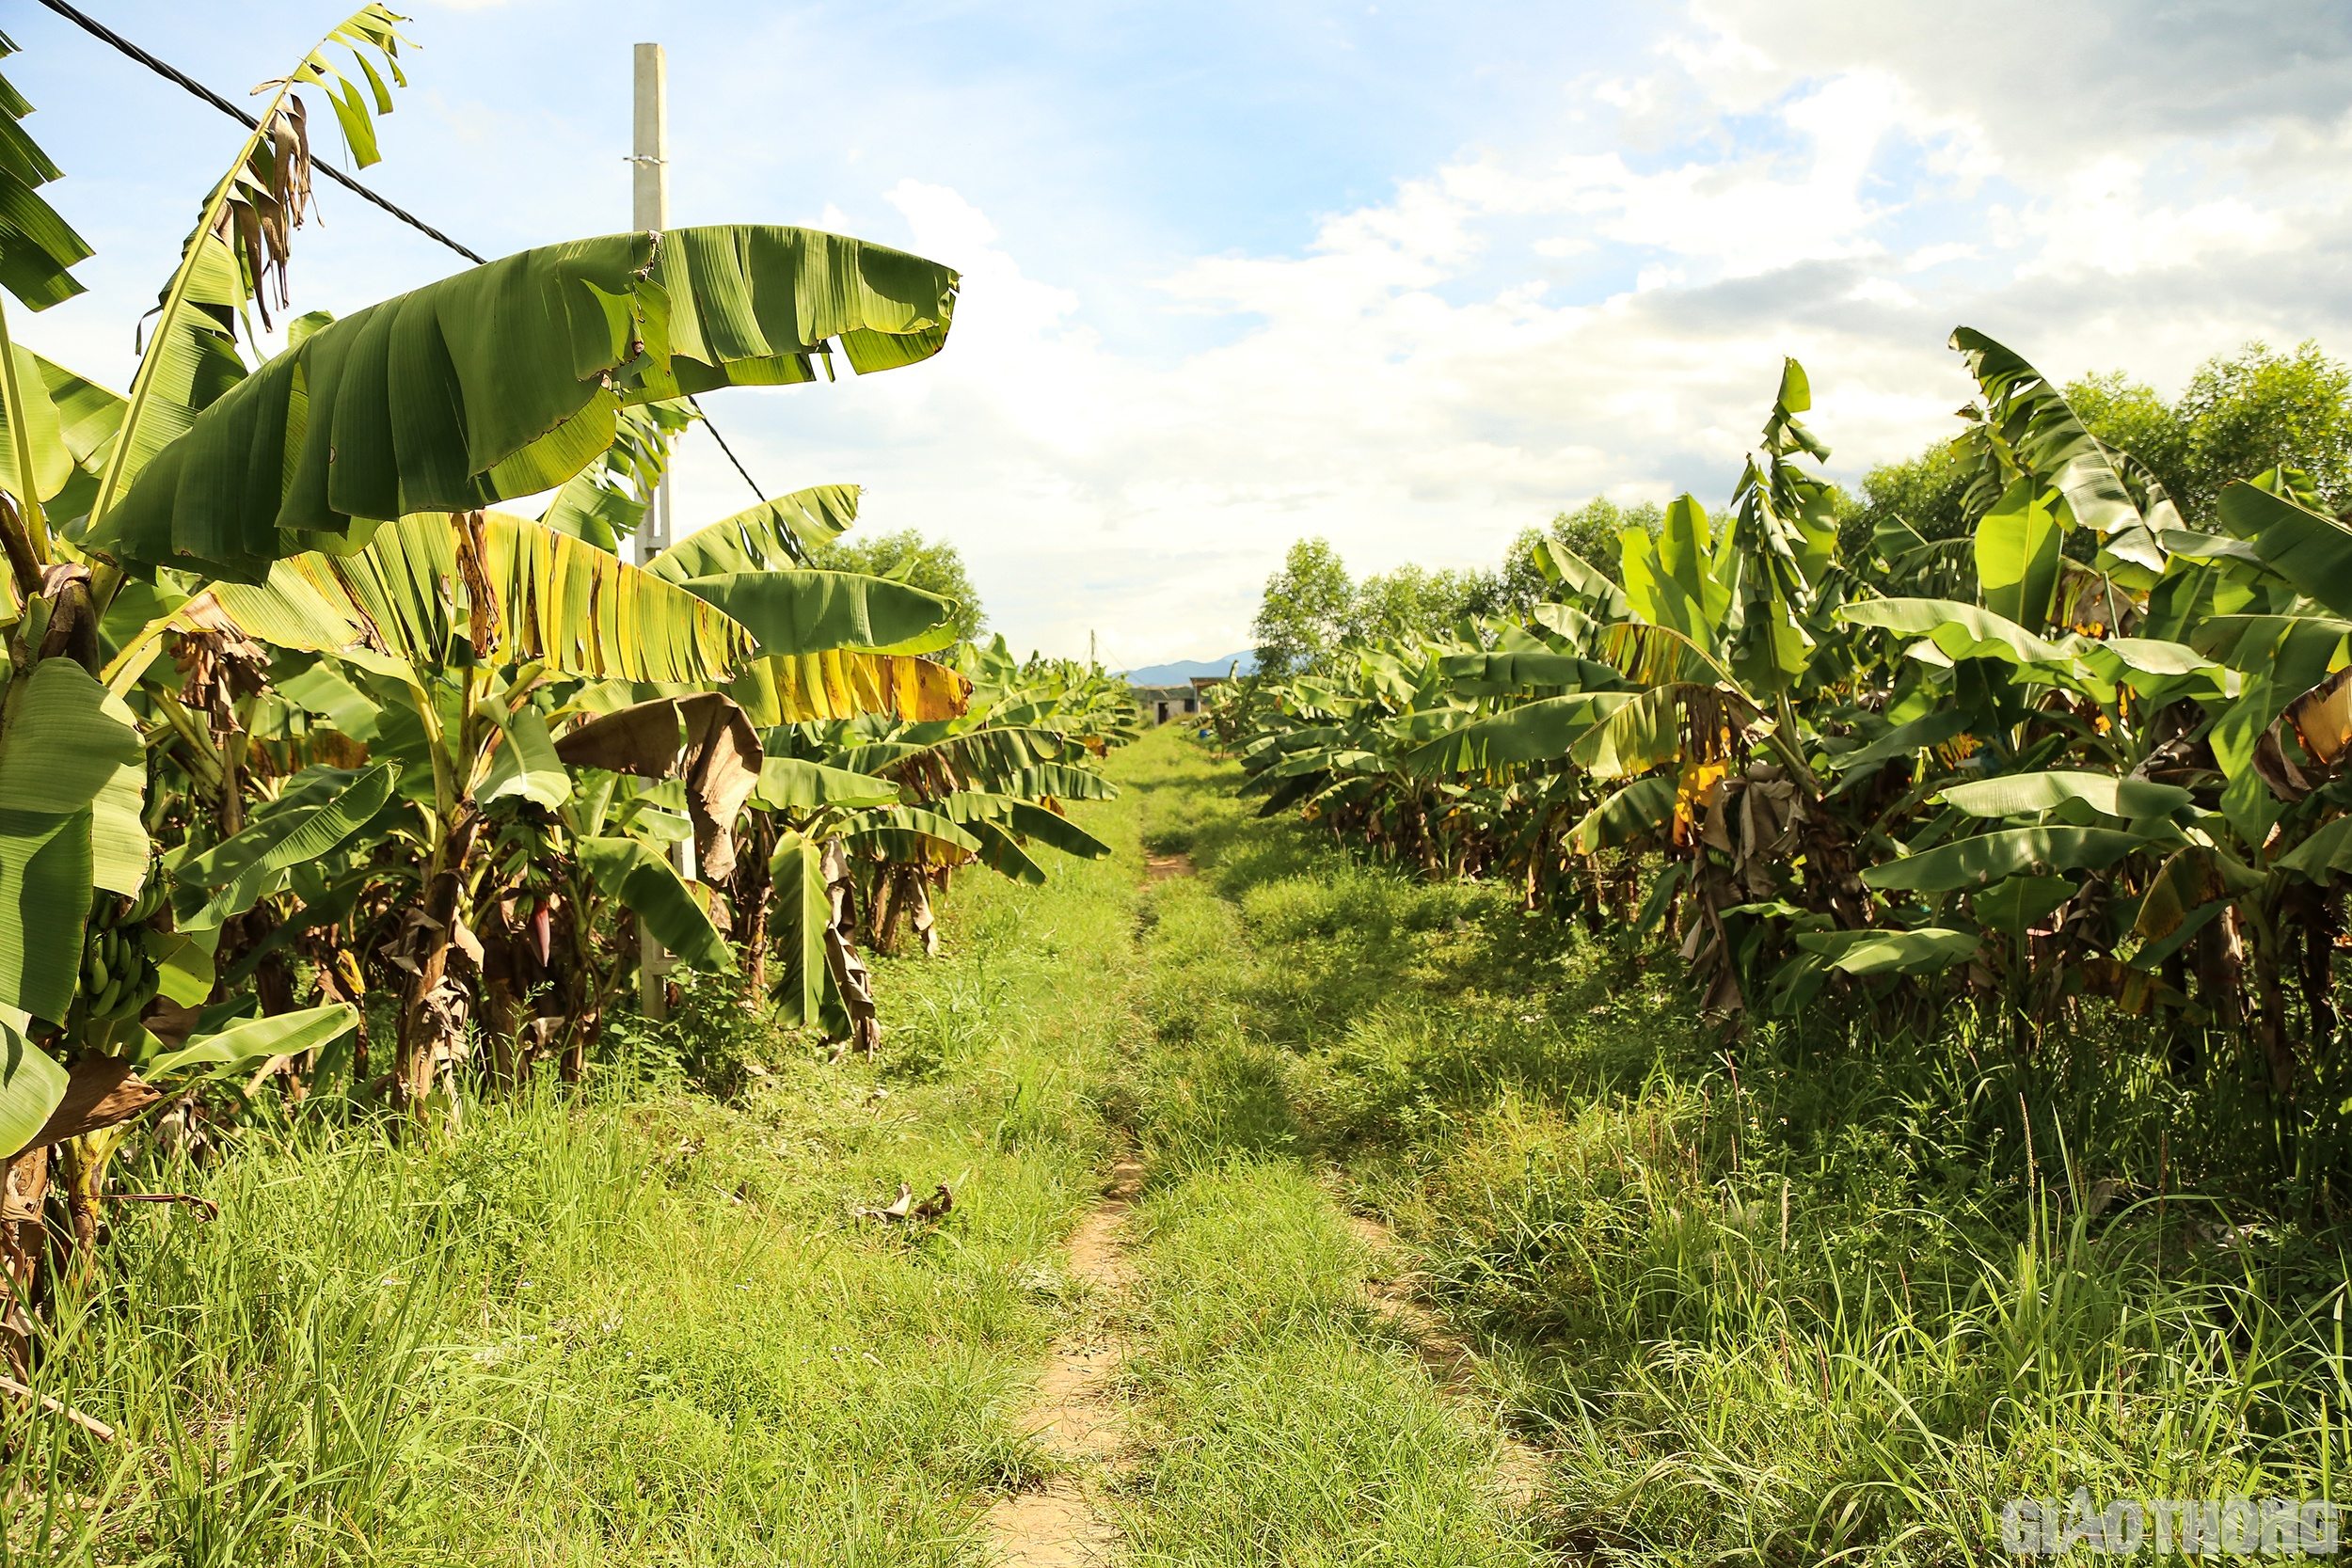 Mô hình trồng chuối tiêu hồng xuất khẩu ở Thuận Sơn, Đô Lương, Nghệ An được triển khai từ năm 2019 trên diện tích 20ha đất bãi bồi ven sông.